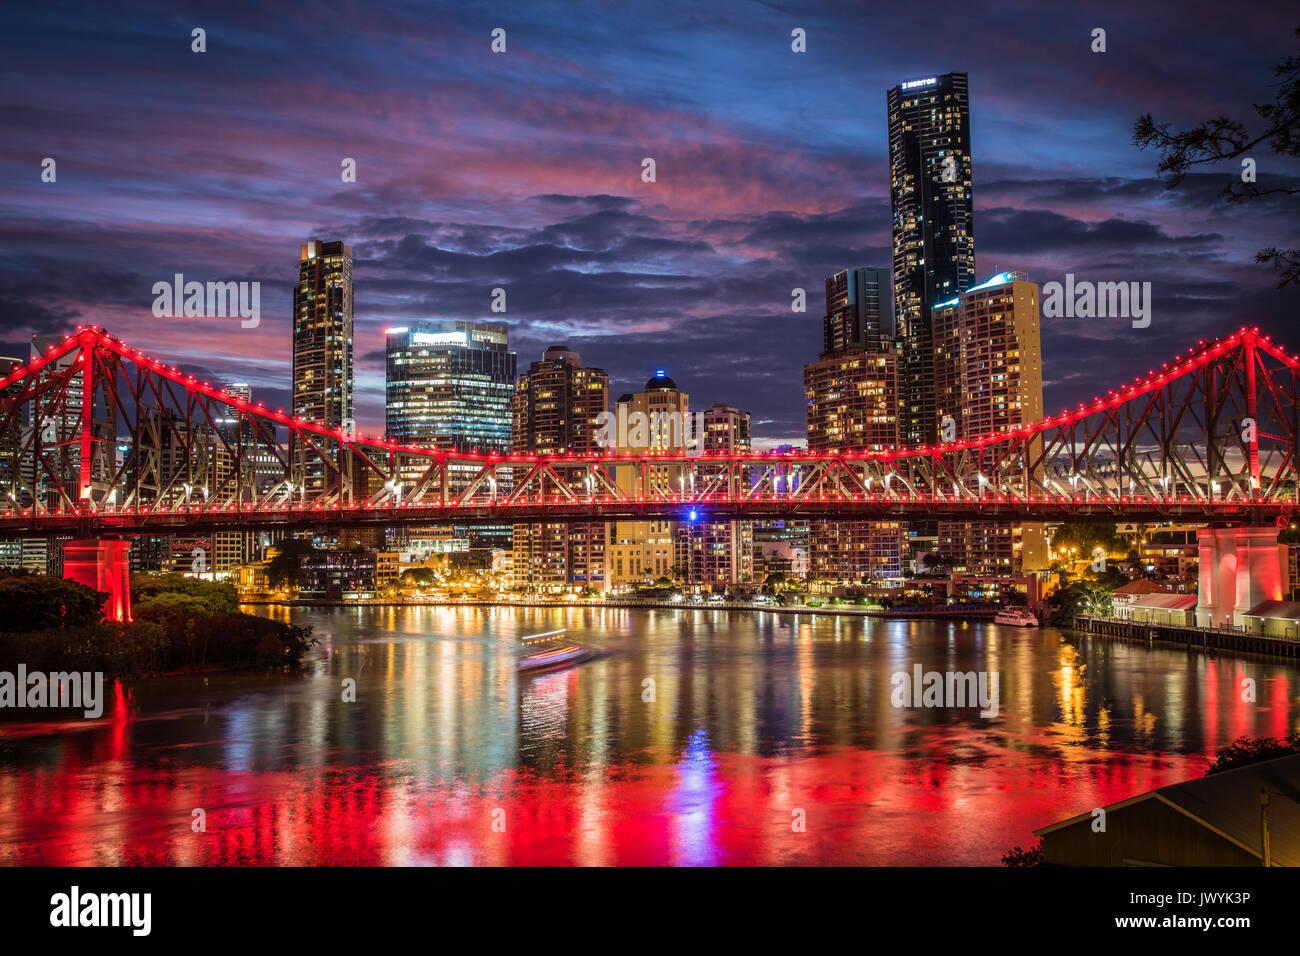 Storey bridge at sunset against the Brisbane cityscape - Stock Image